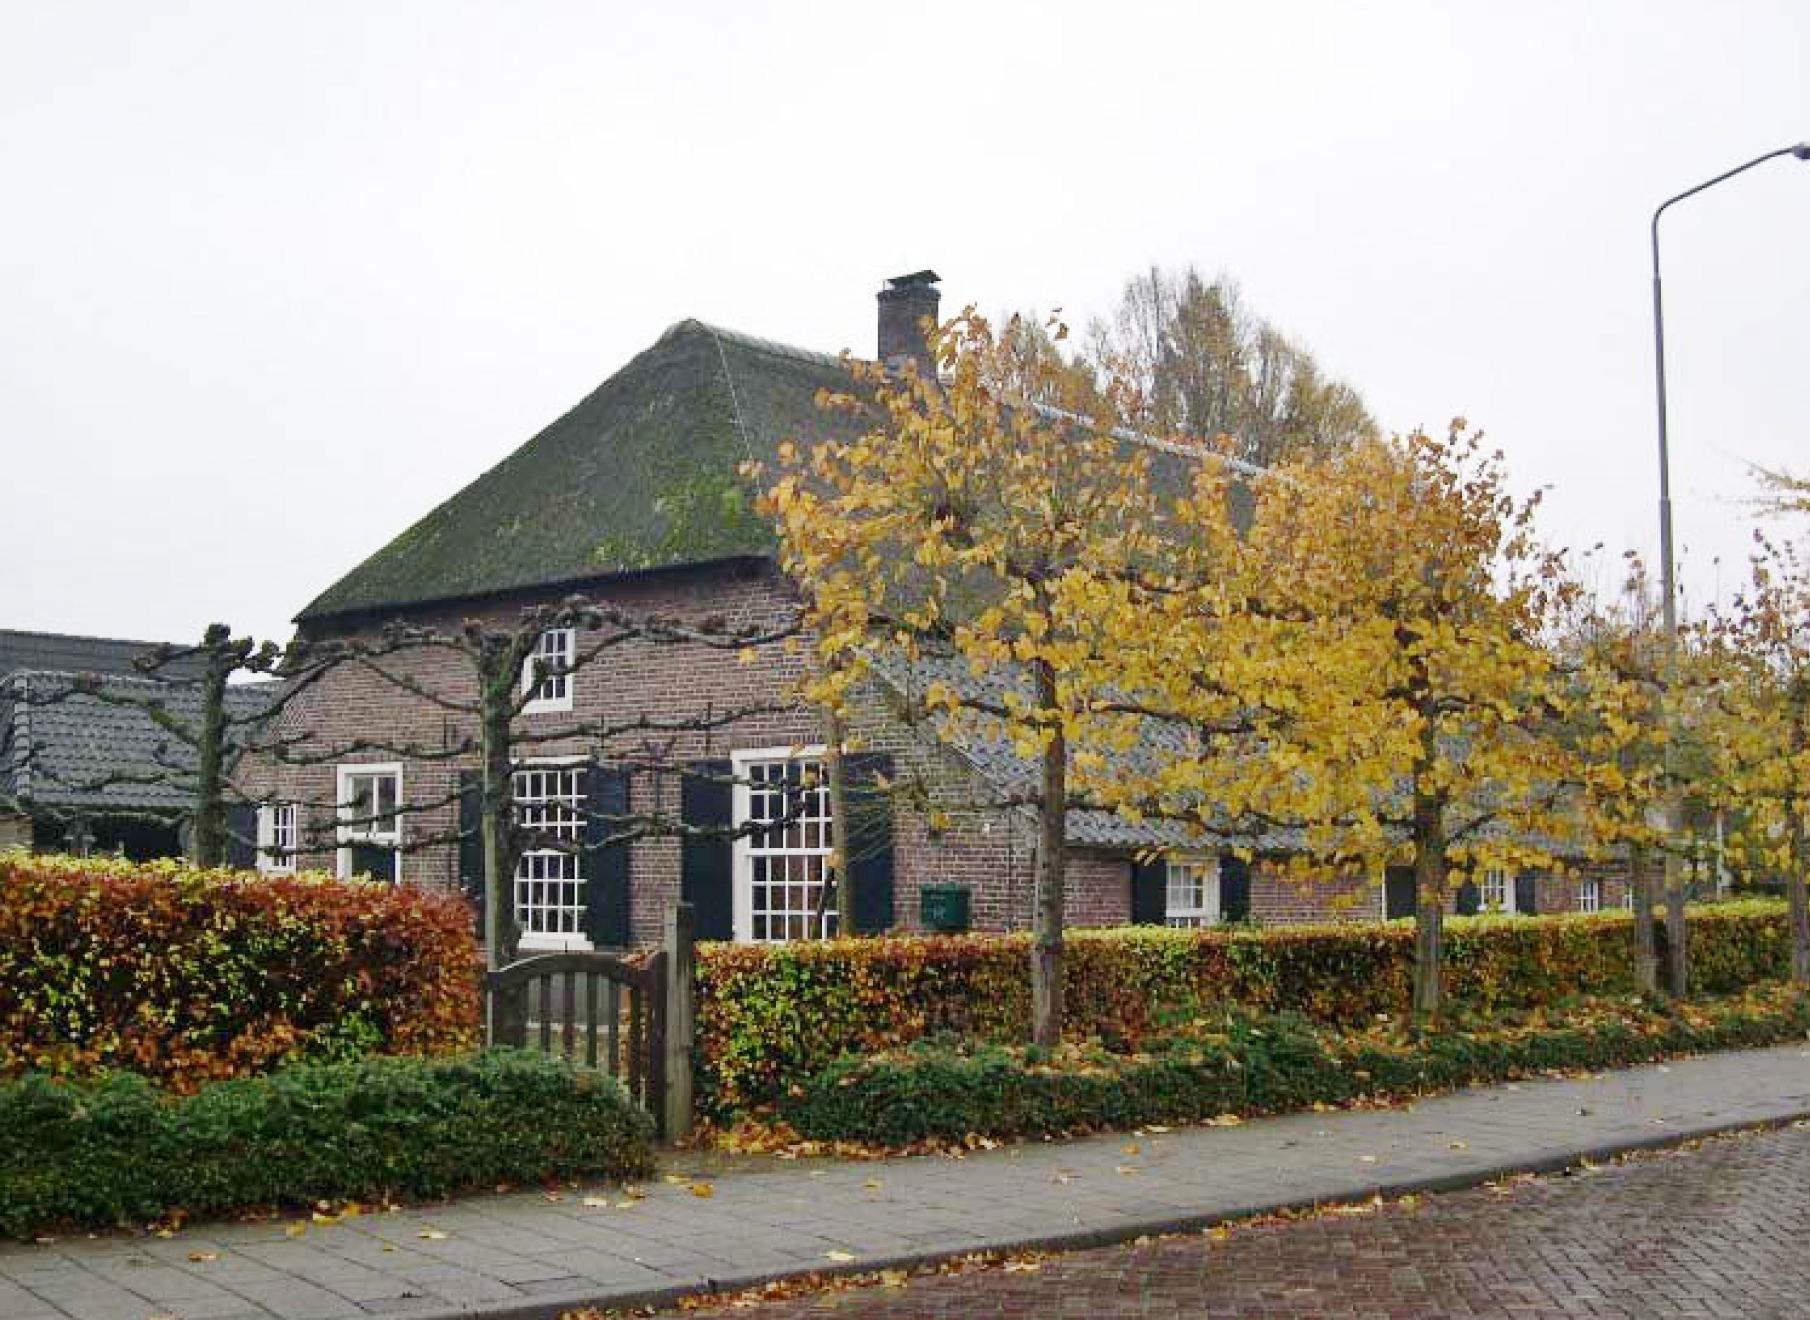 Ravenshoeve, gezien vanaf de Mgr. Zwijssenstraat.